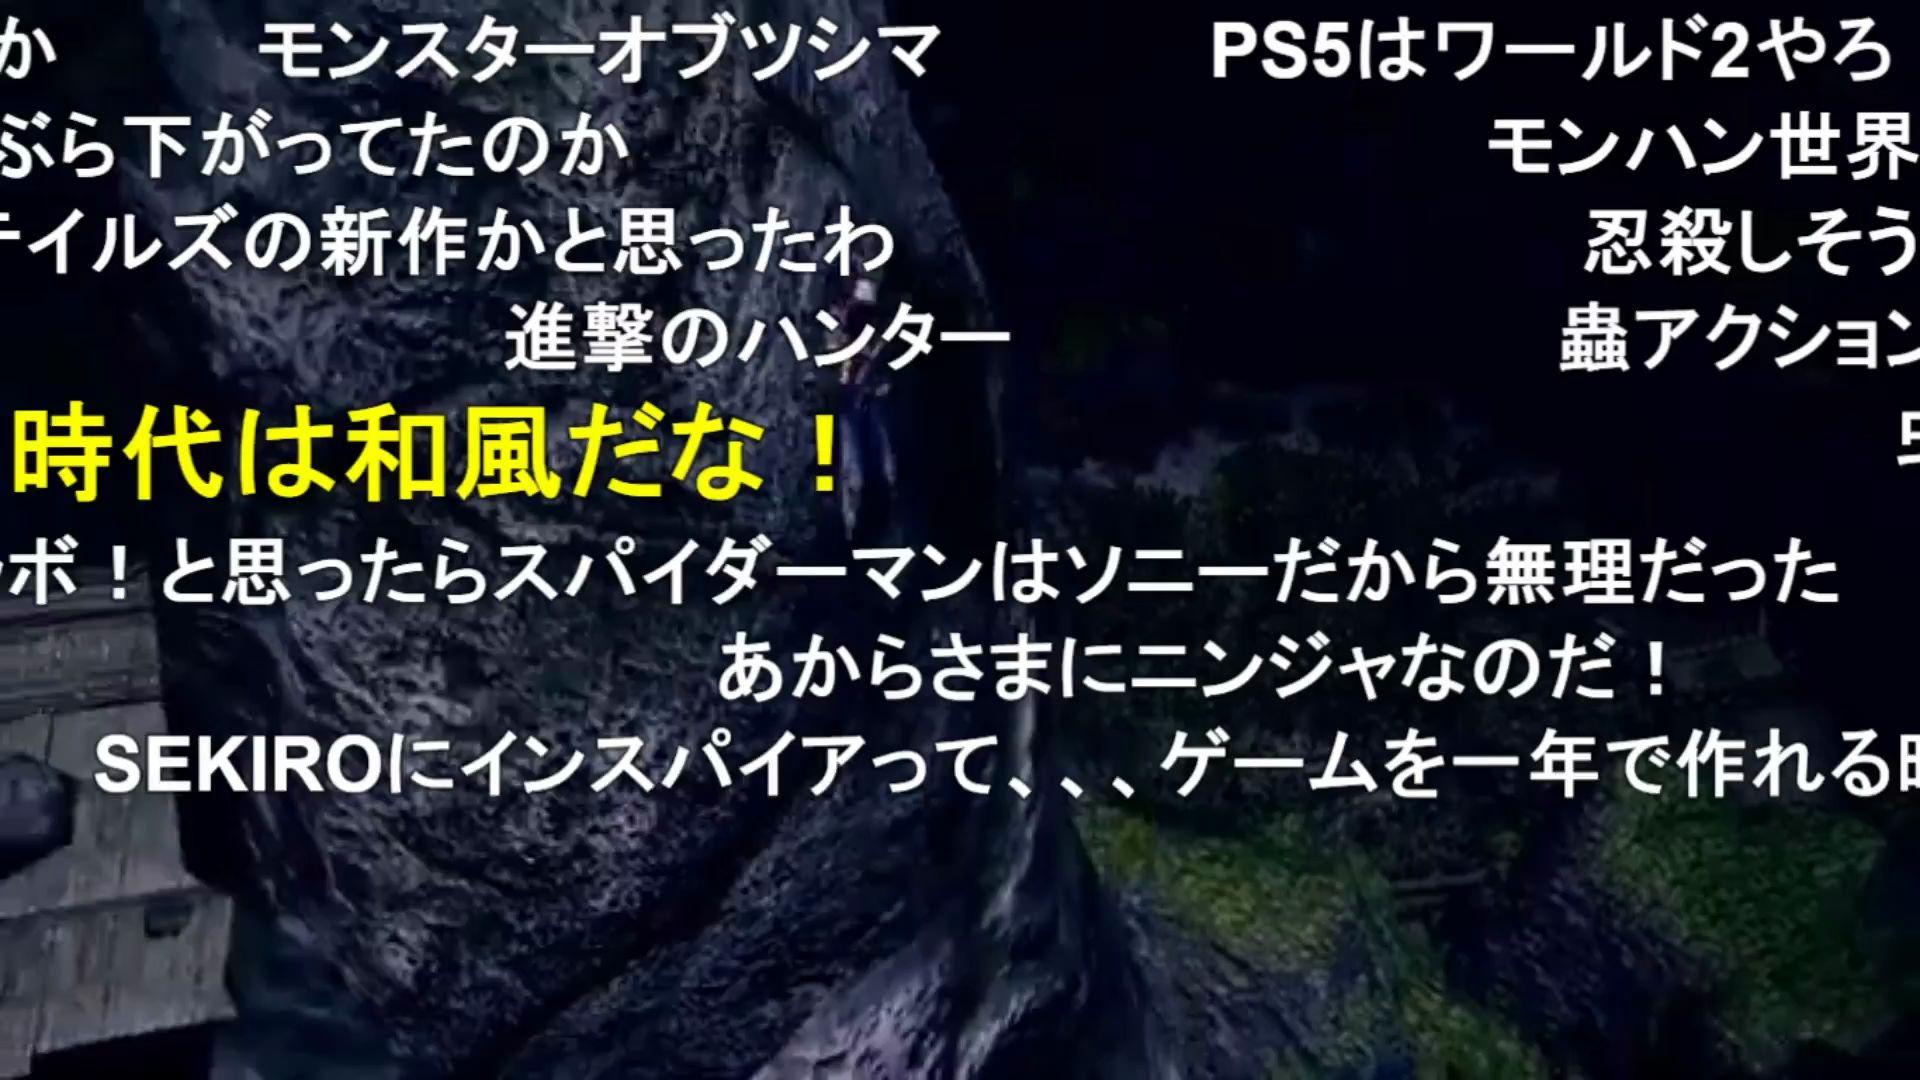 【N站弹幕】怪物猎人崛起预告片